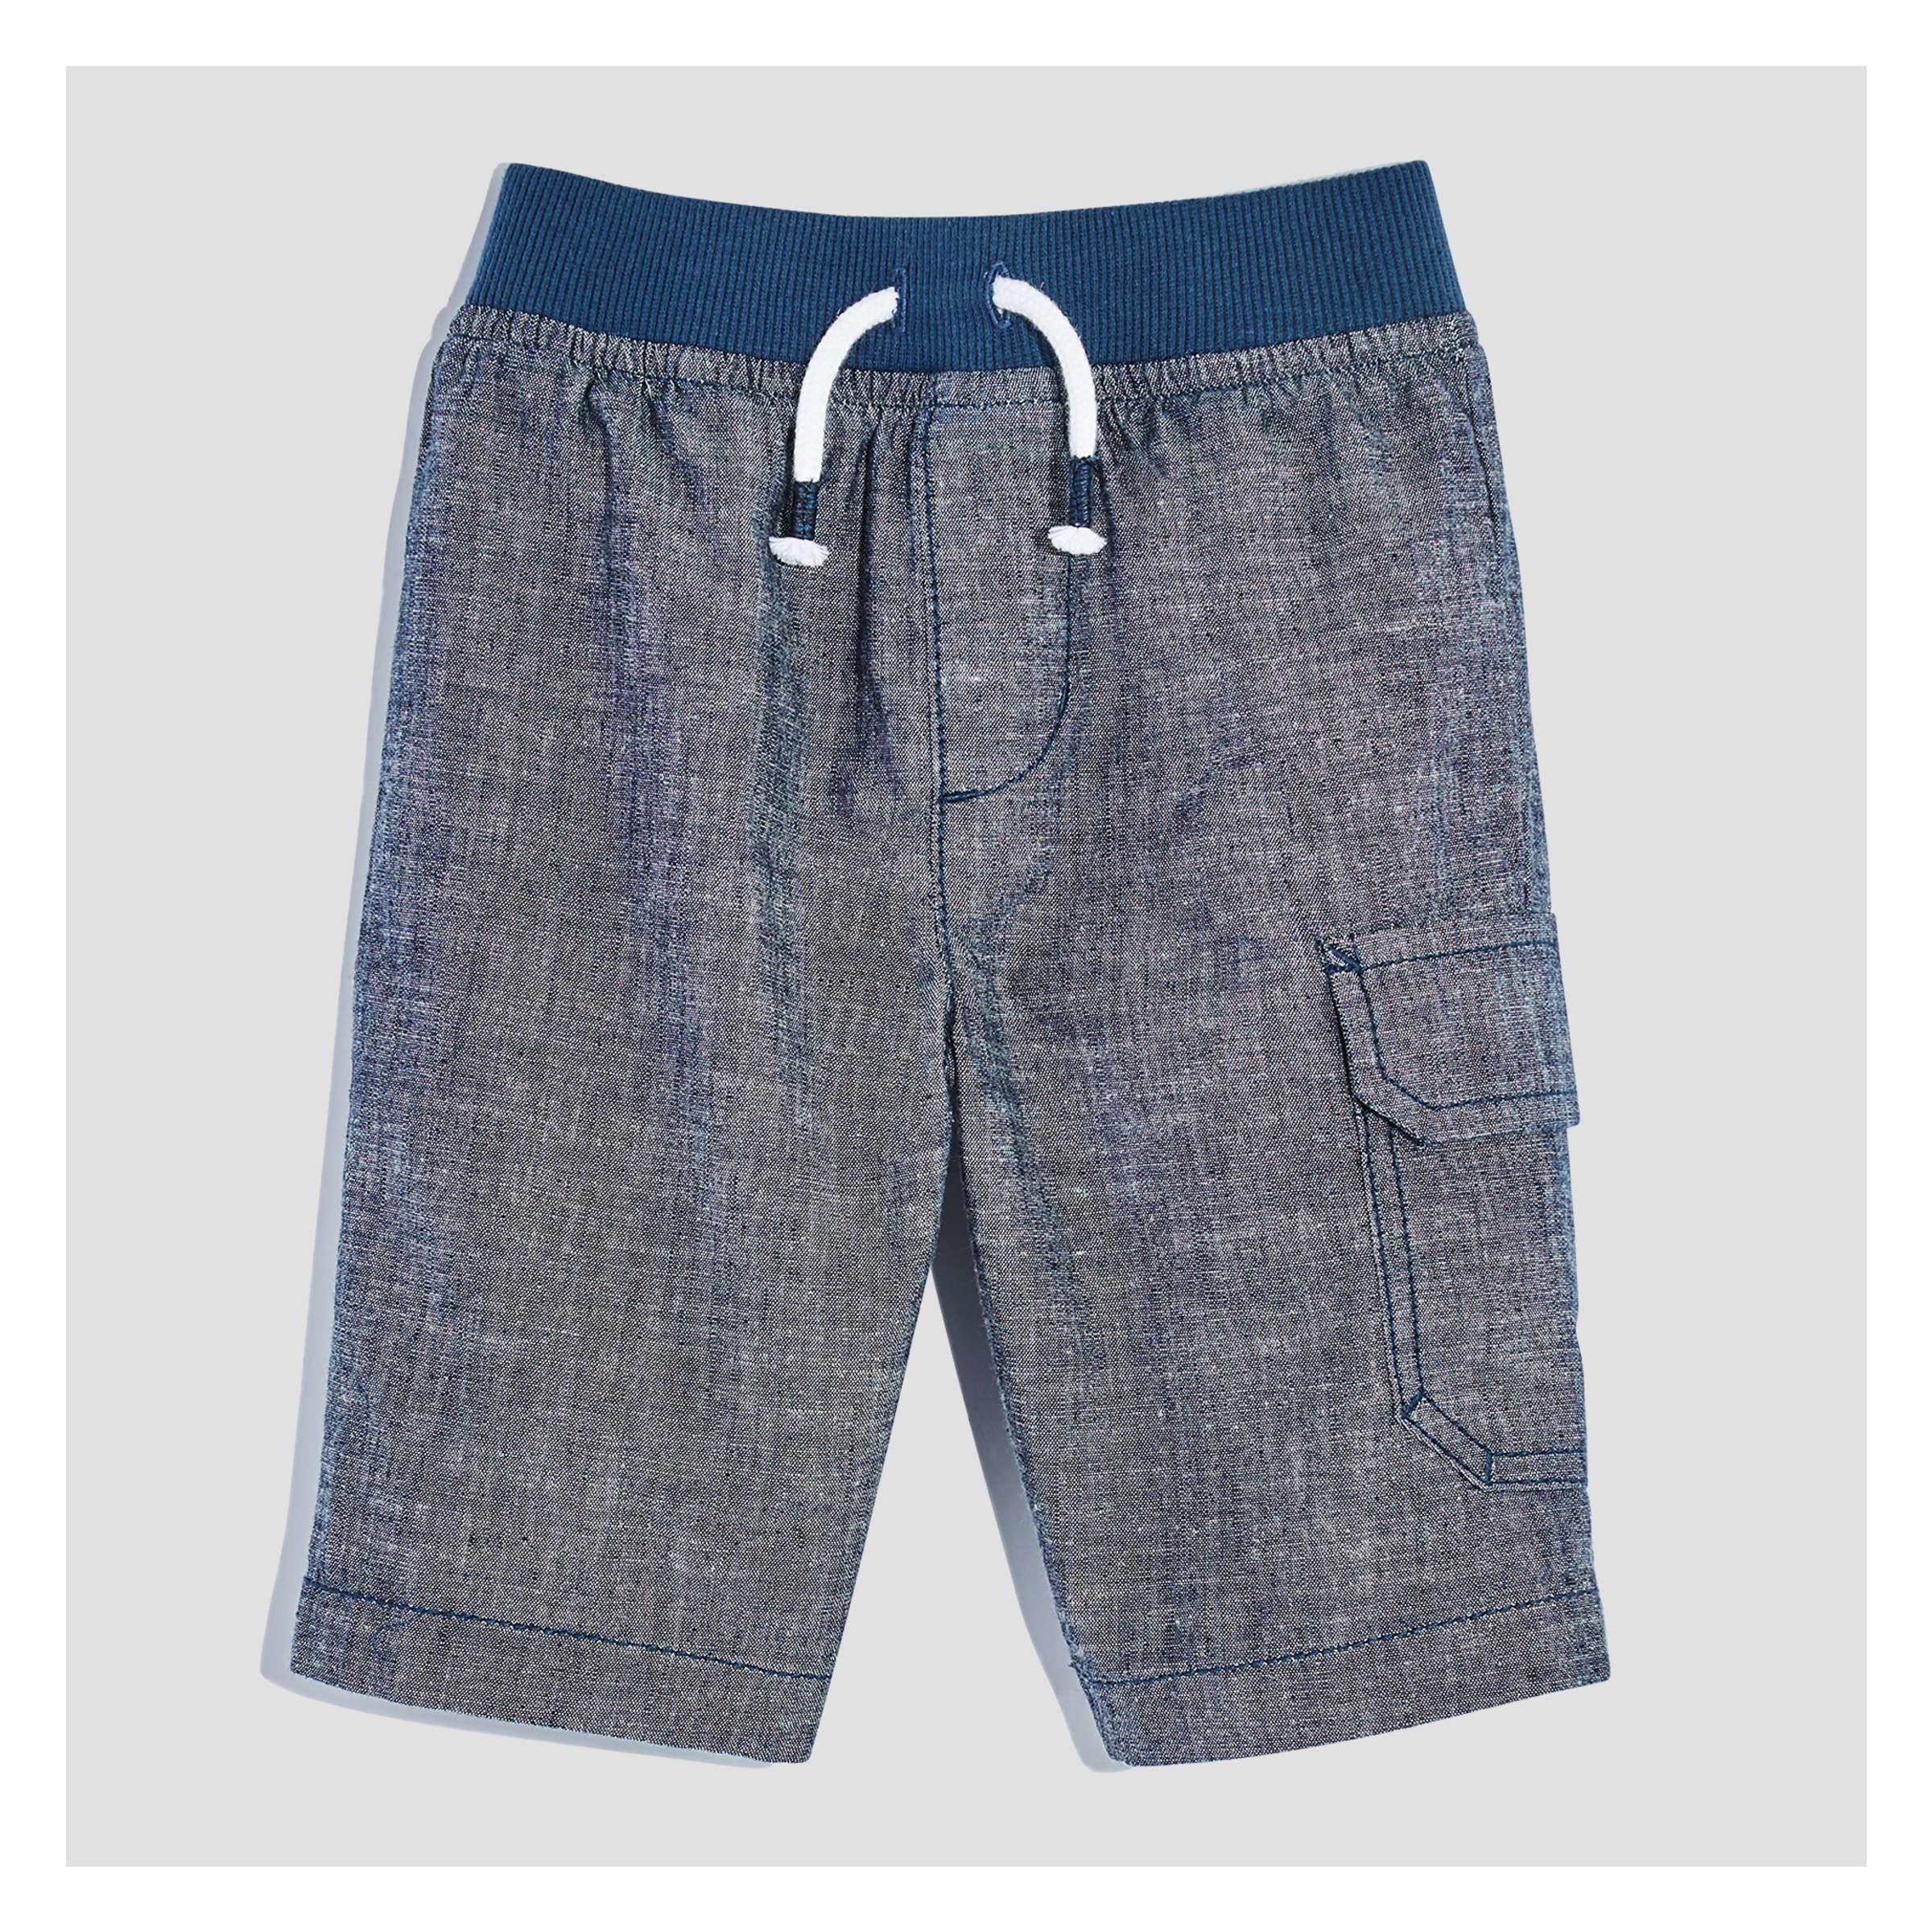 ac38065b2e Toddler Boys' Poplin Shorts in Blue from Joe Fresh